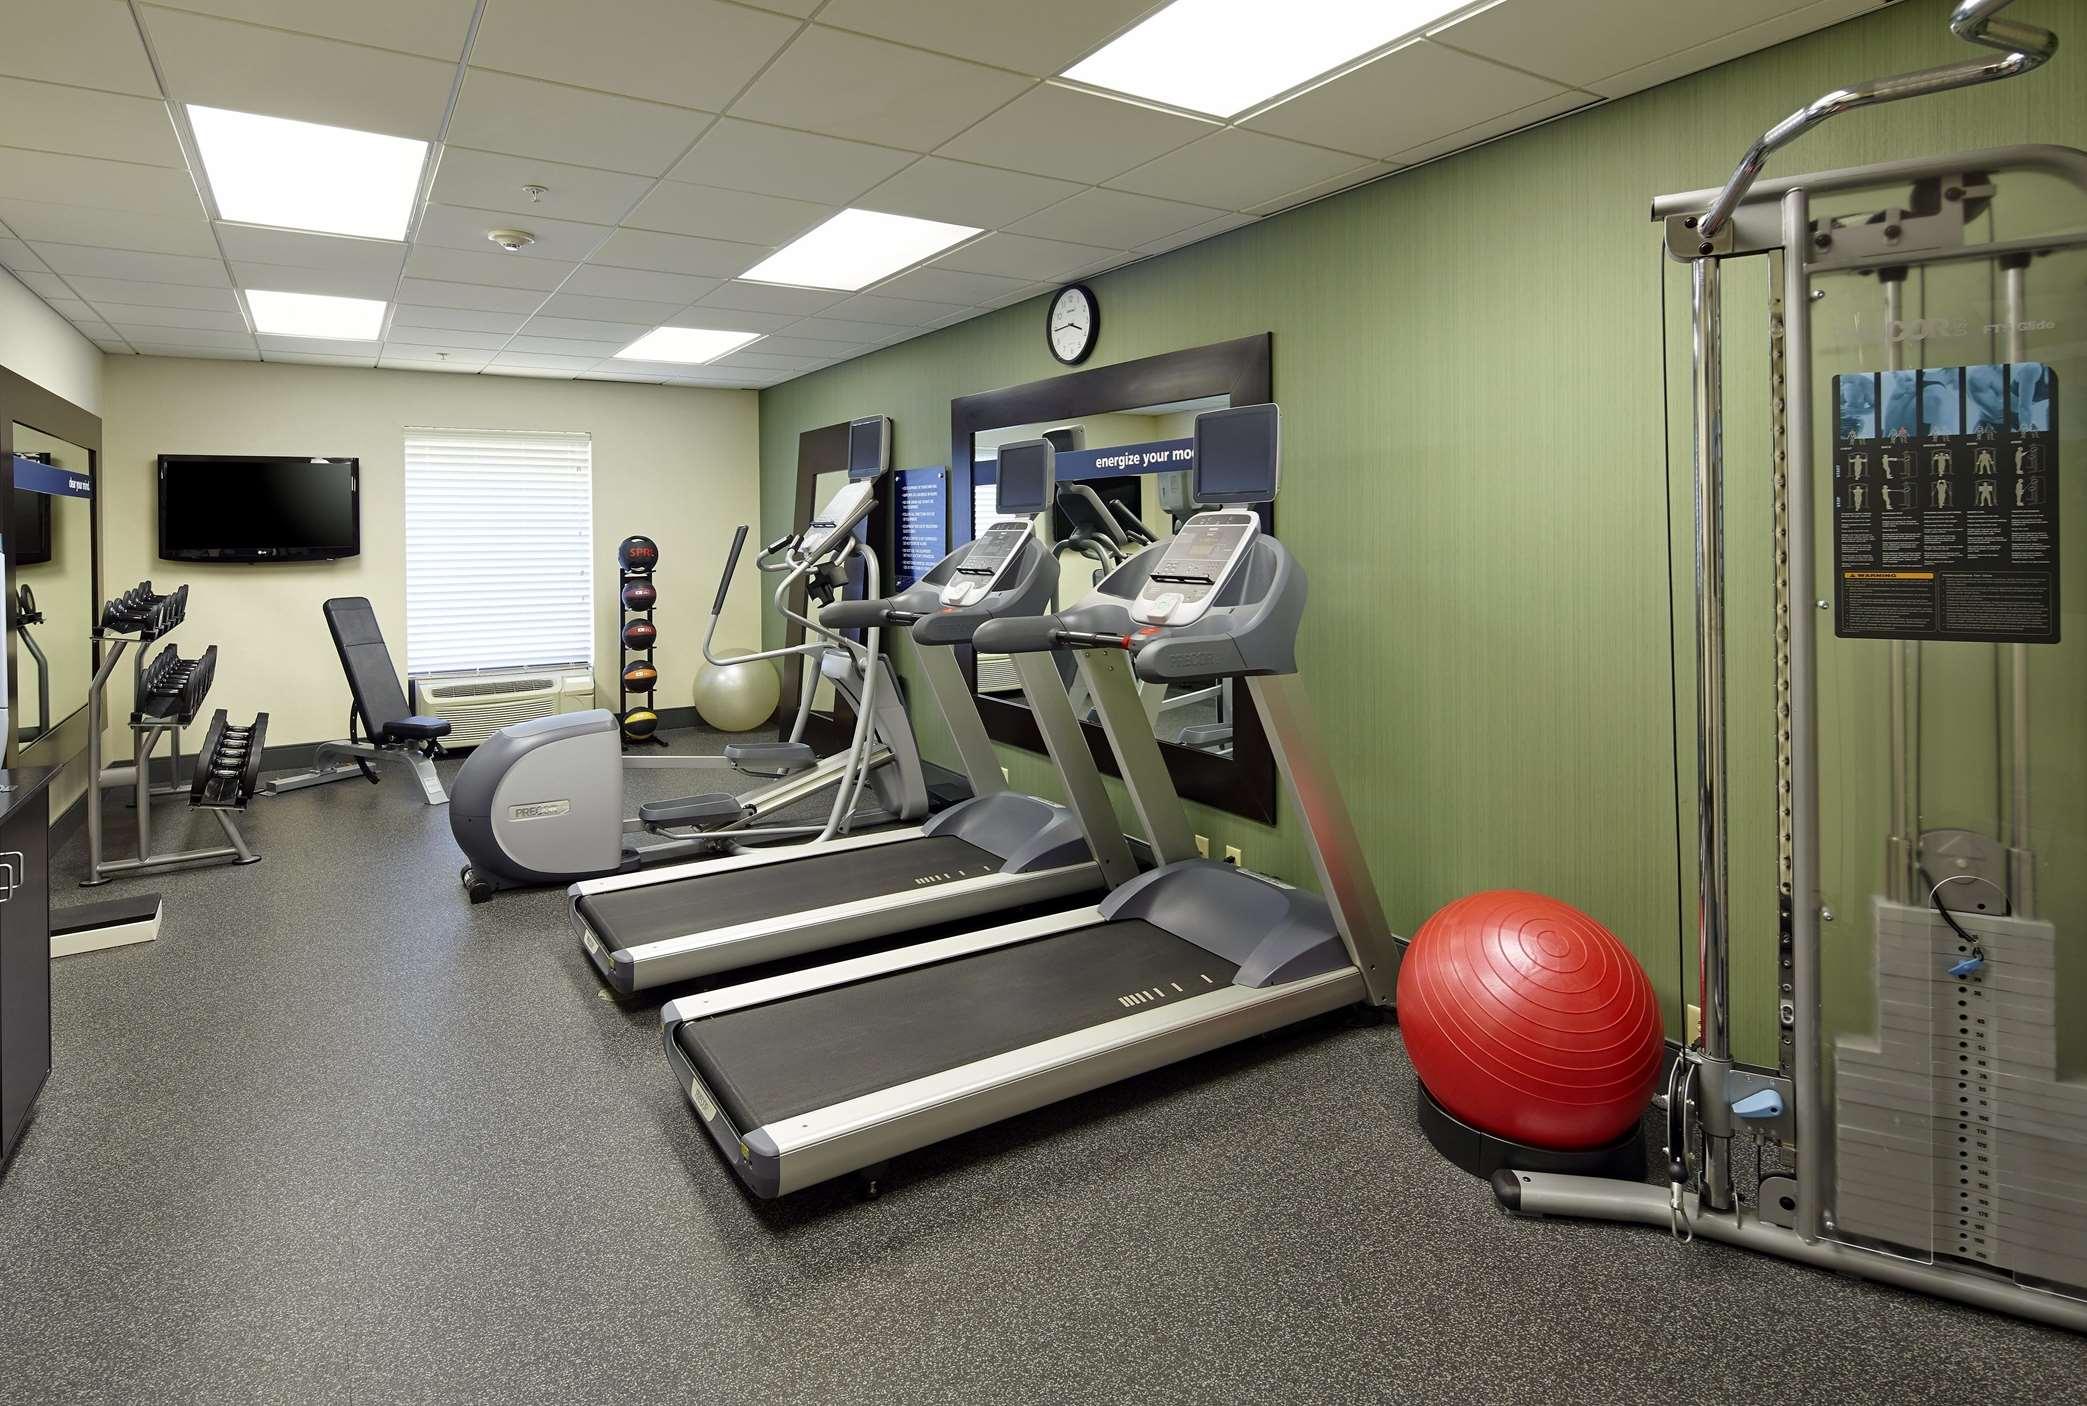 Hampton Inn & Suites Clearwater/St. Petersburg-Ulmerton Road, FL image 17